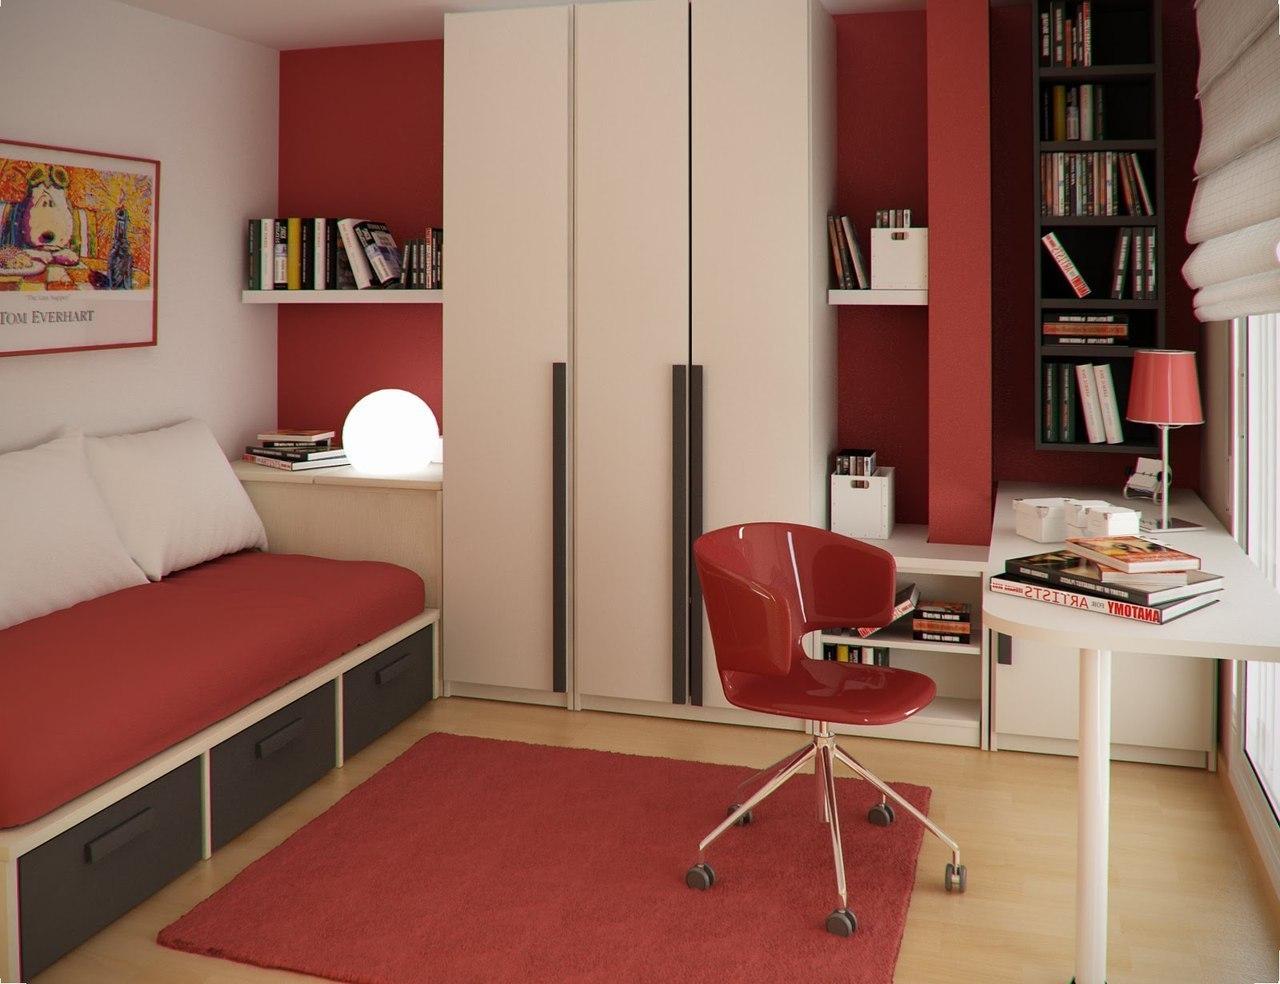 Дизайн интерьера маленьких помещений